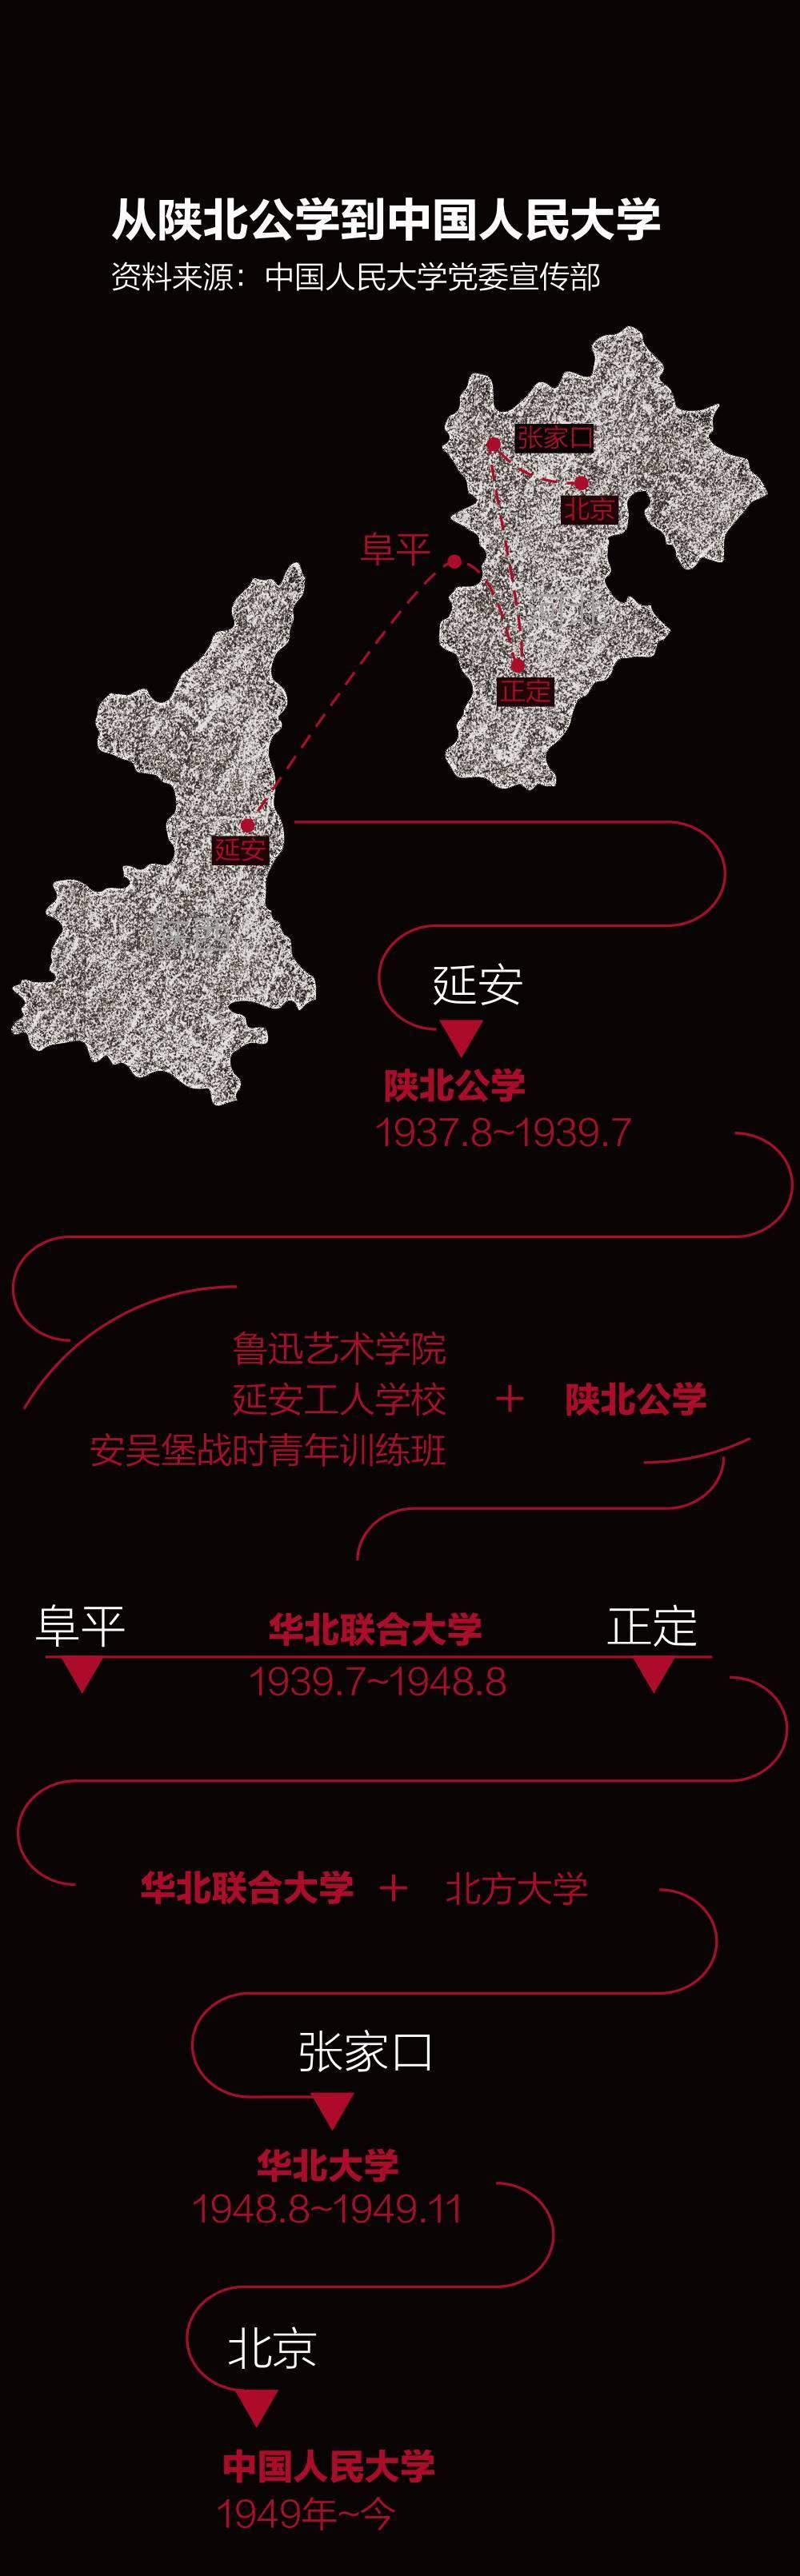 人大80年:从红色基因到中国学派